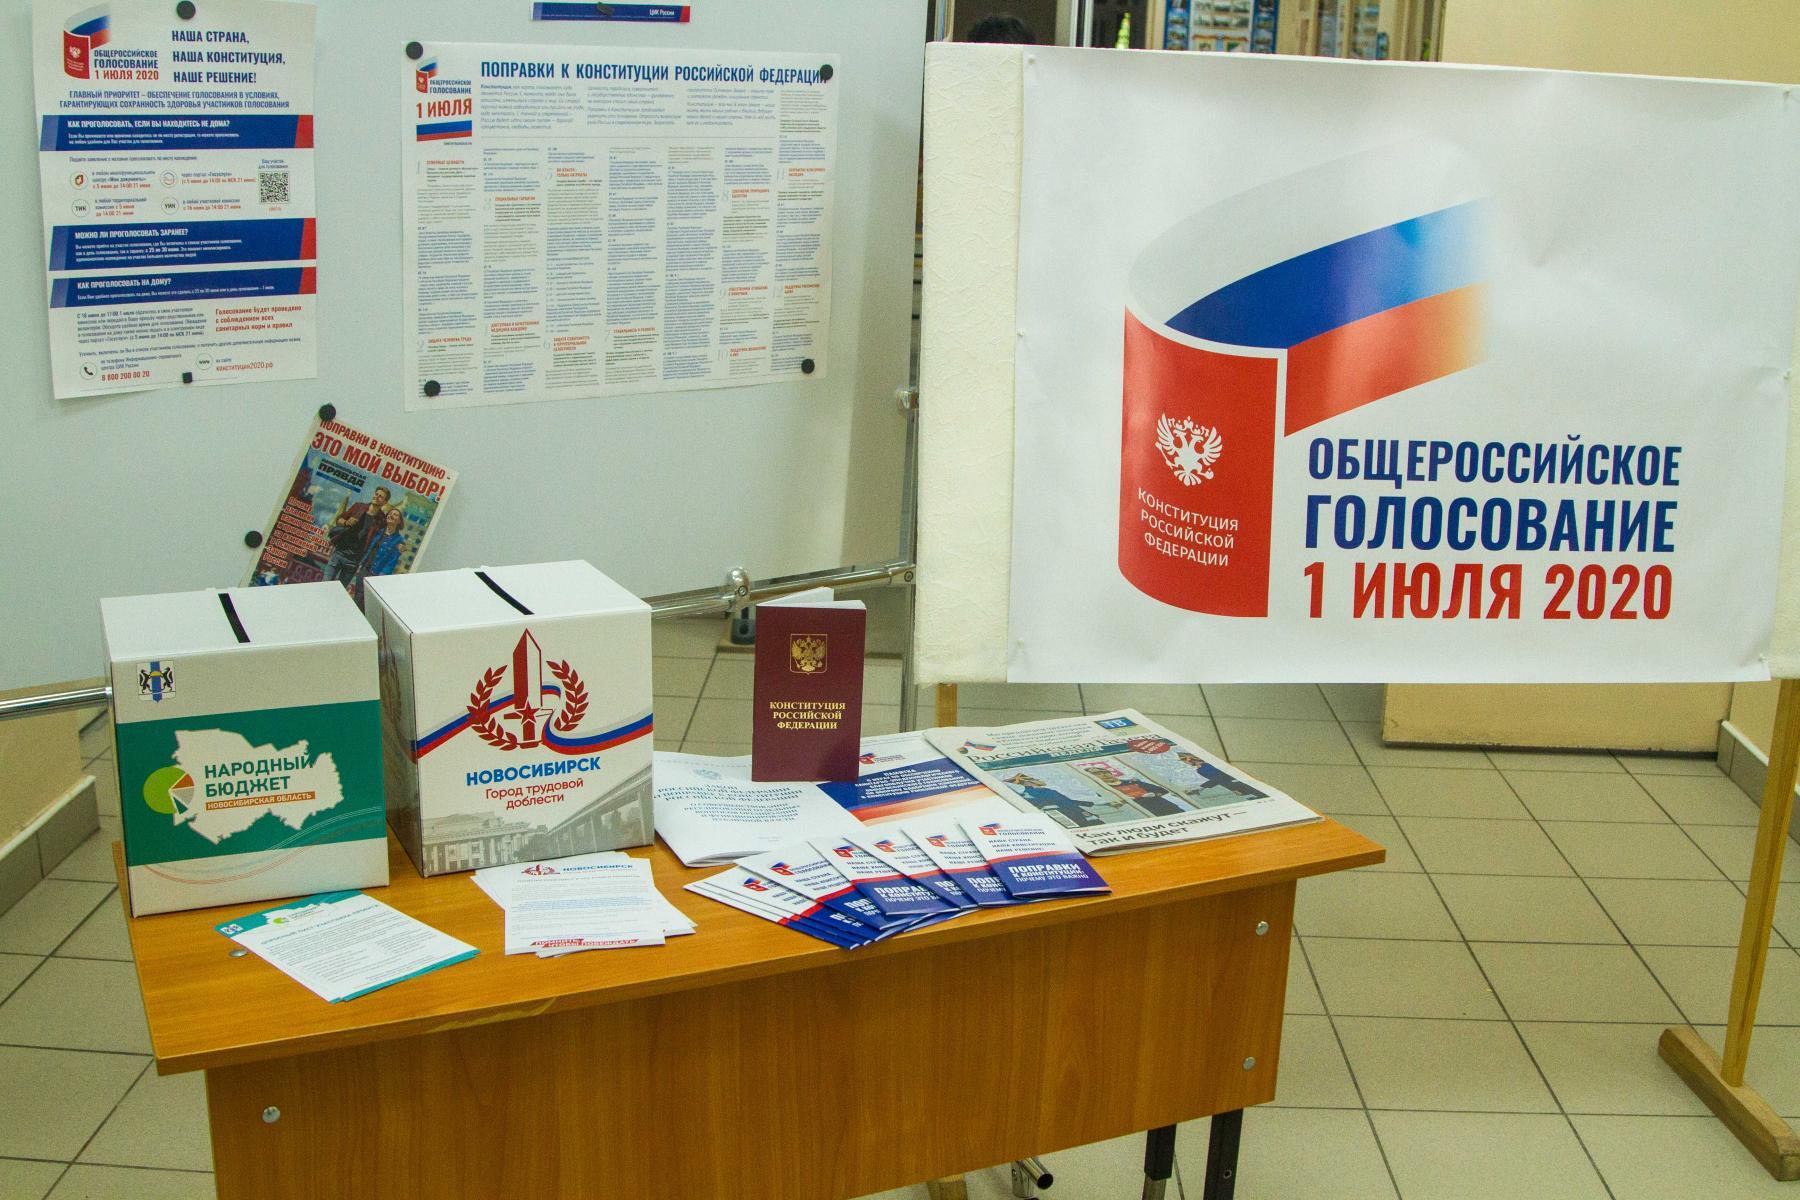 Фото Салют и световое шоу: в Новосибирске отпразднуют присвоение Новосибирску почётного звания 3